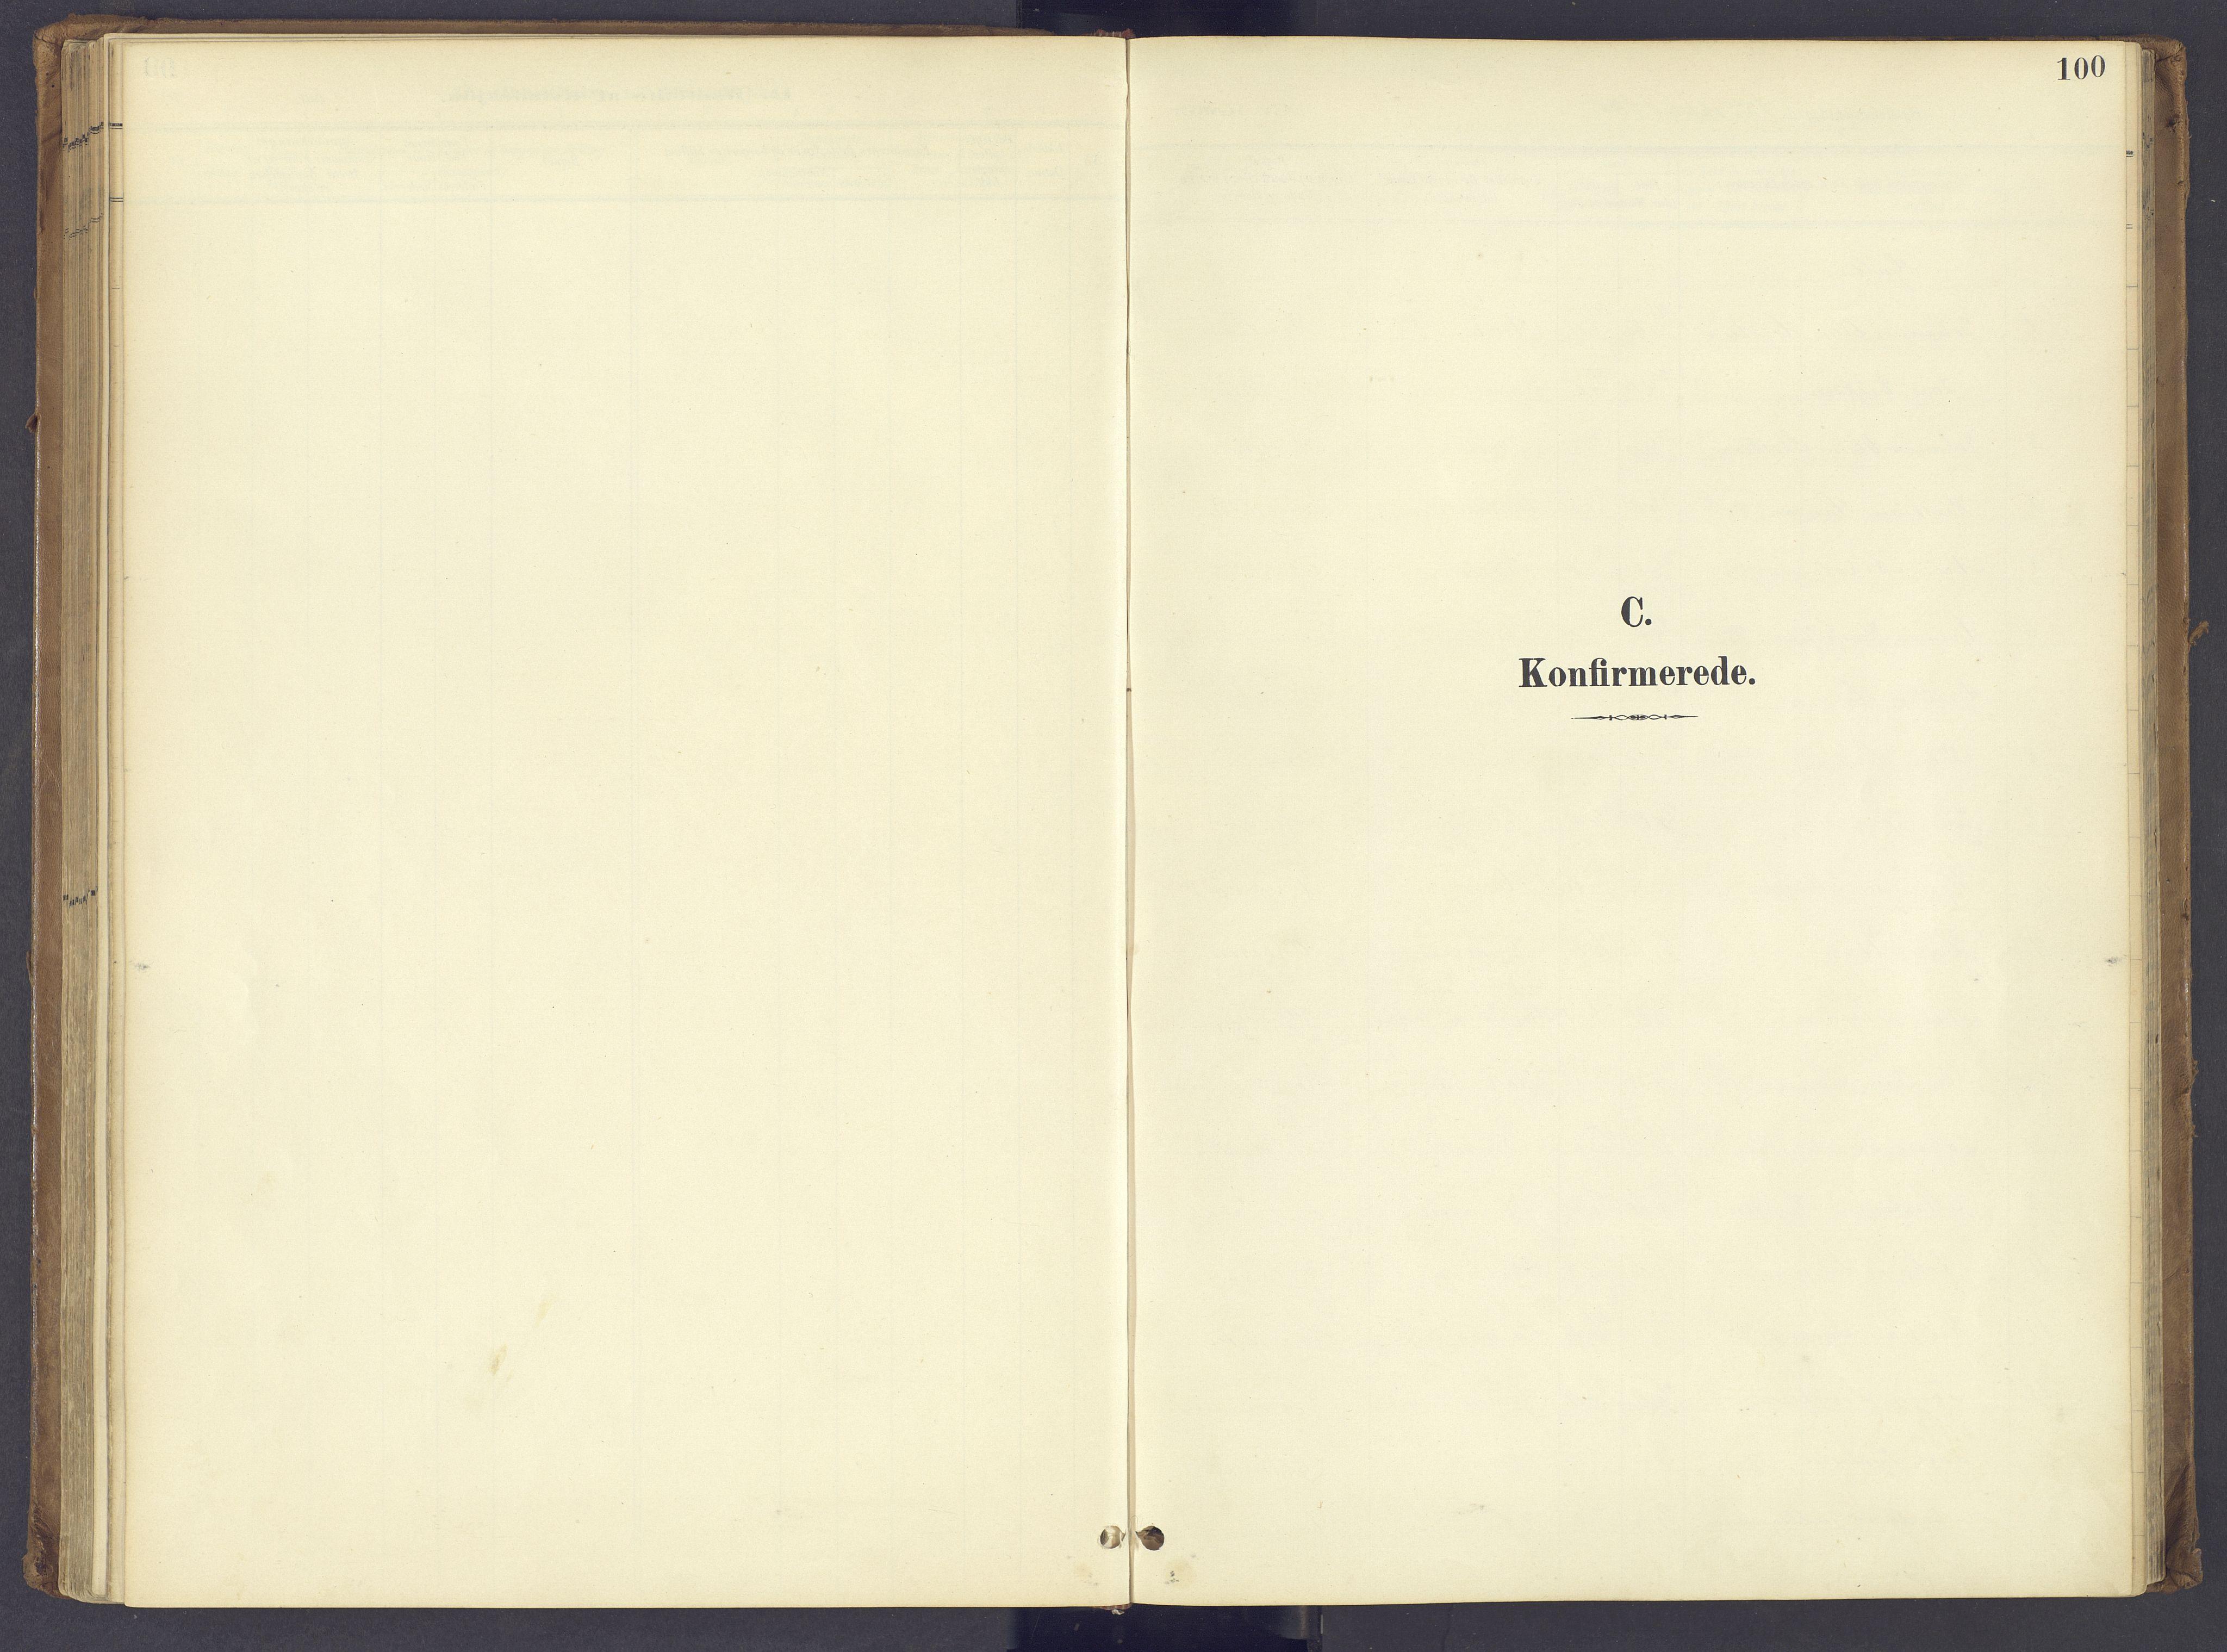 SAH, Søndre Land prestekontor, K/L0006: Ministerialbok nr. 6, 1895-1904, s. 100